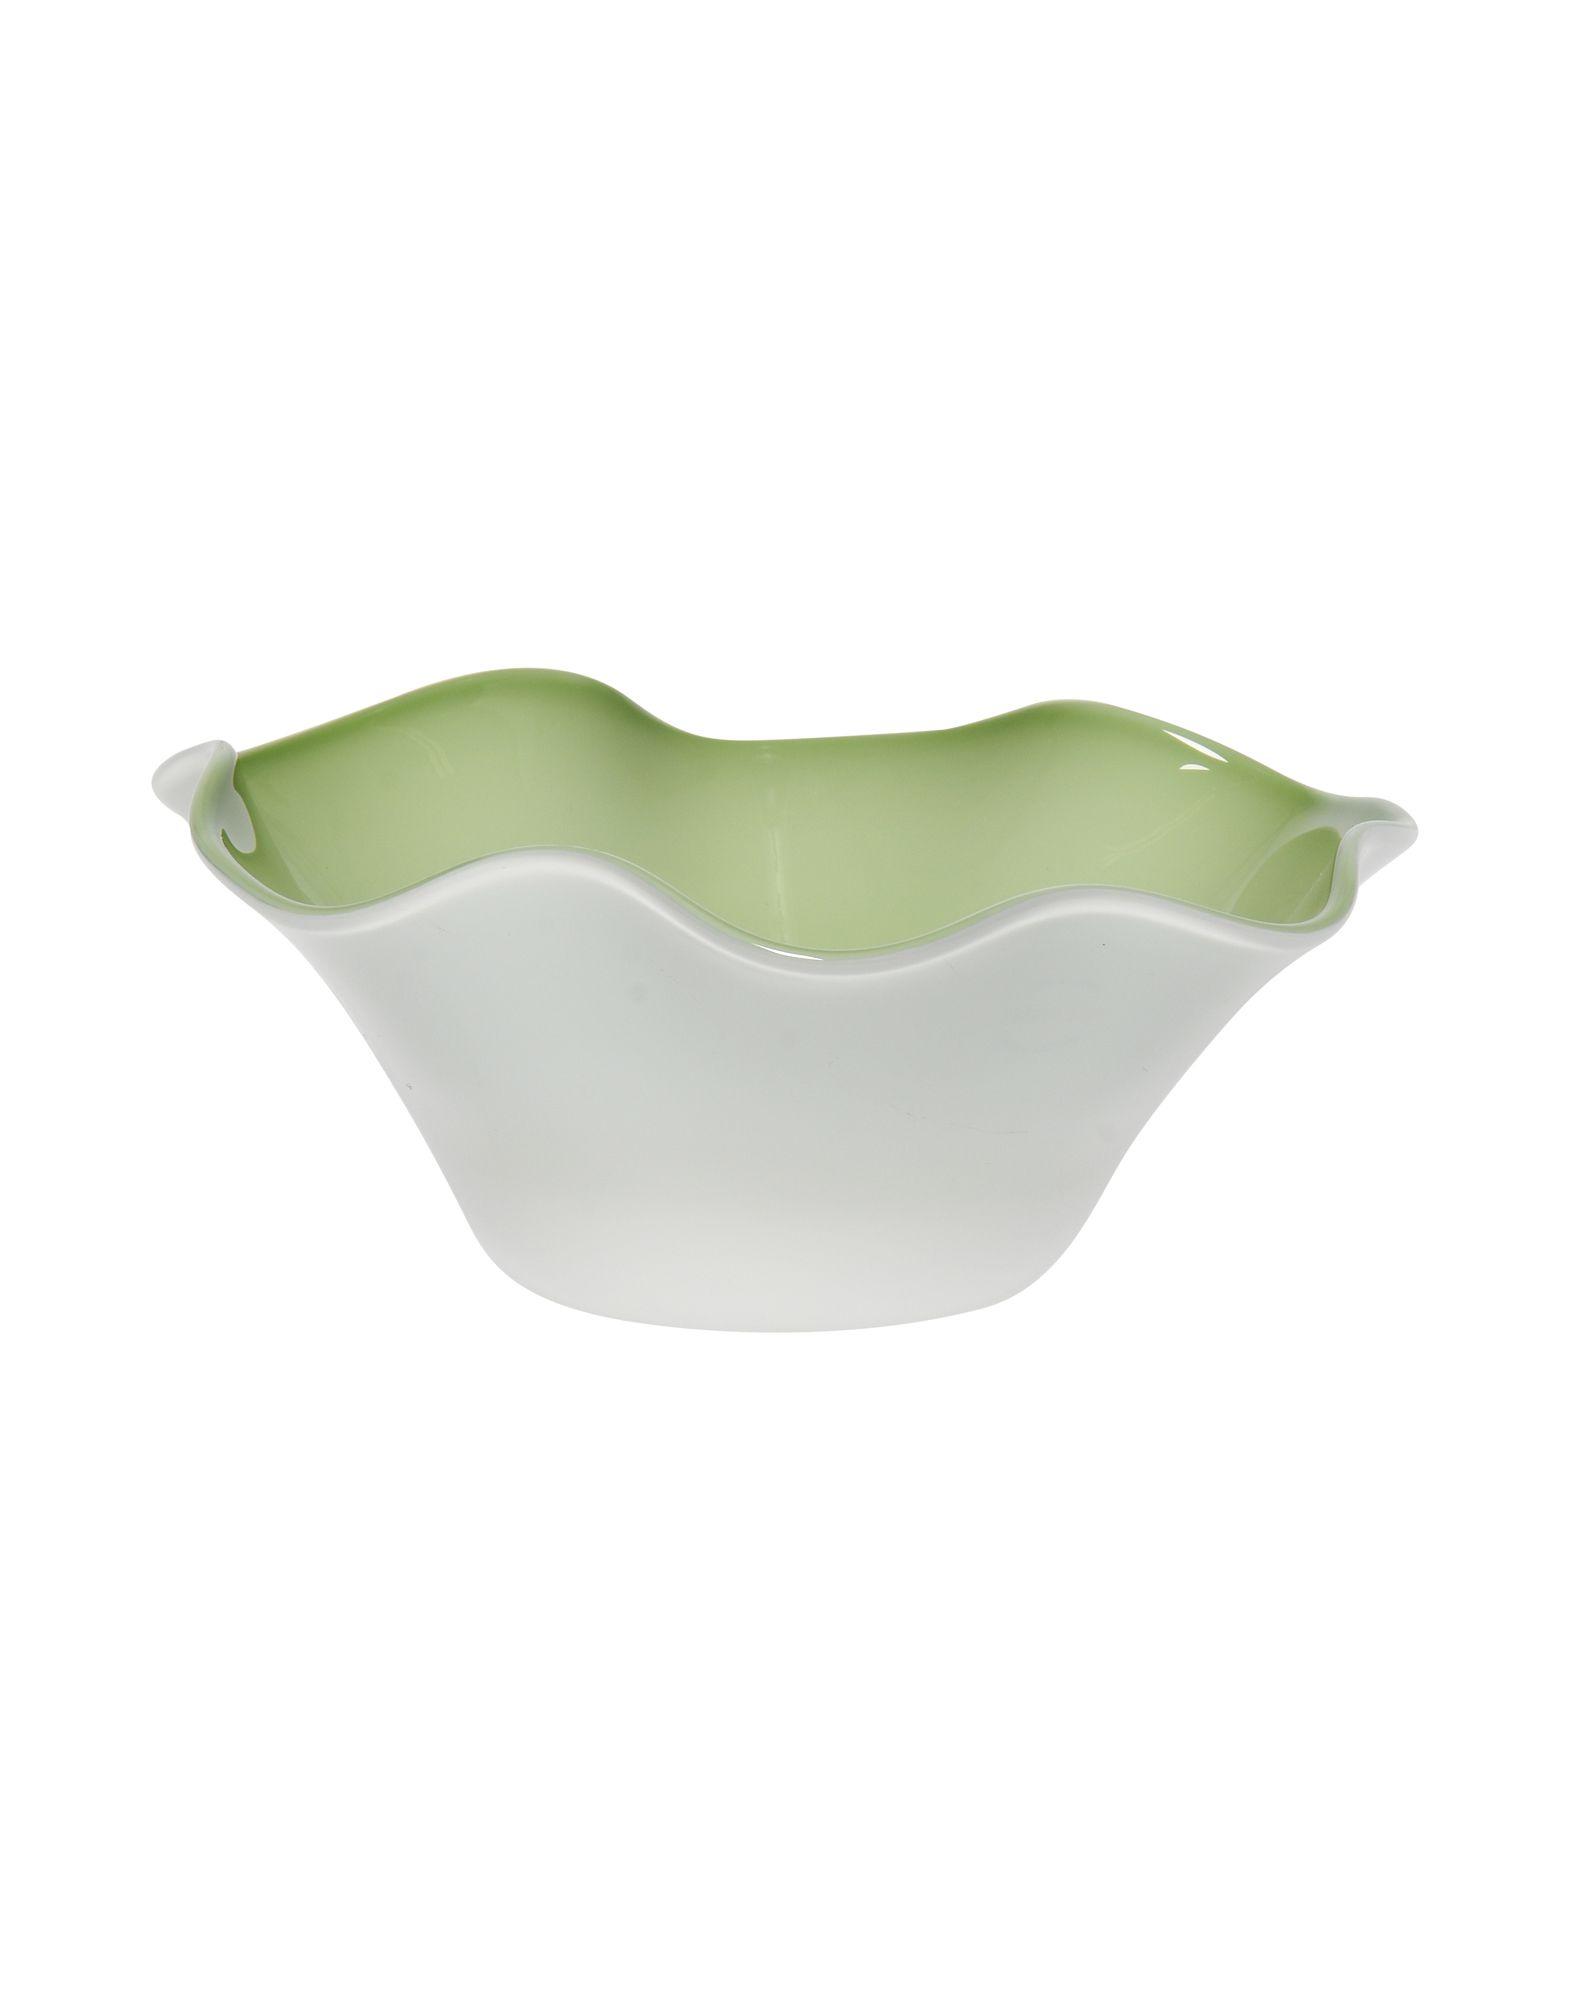 《期間限定セール開催中!》VENINI Unisex ベース グリーン ガラス Fazzoletto